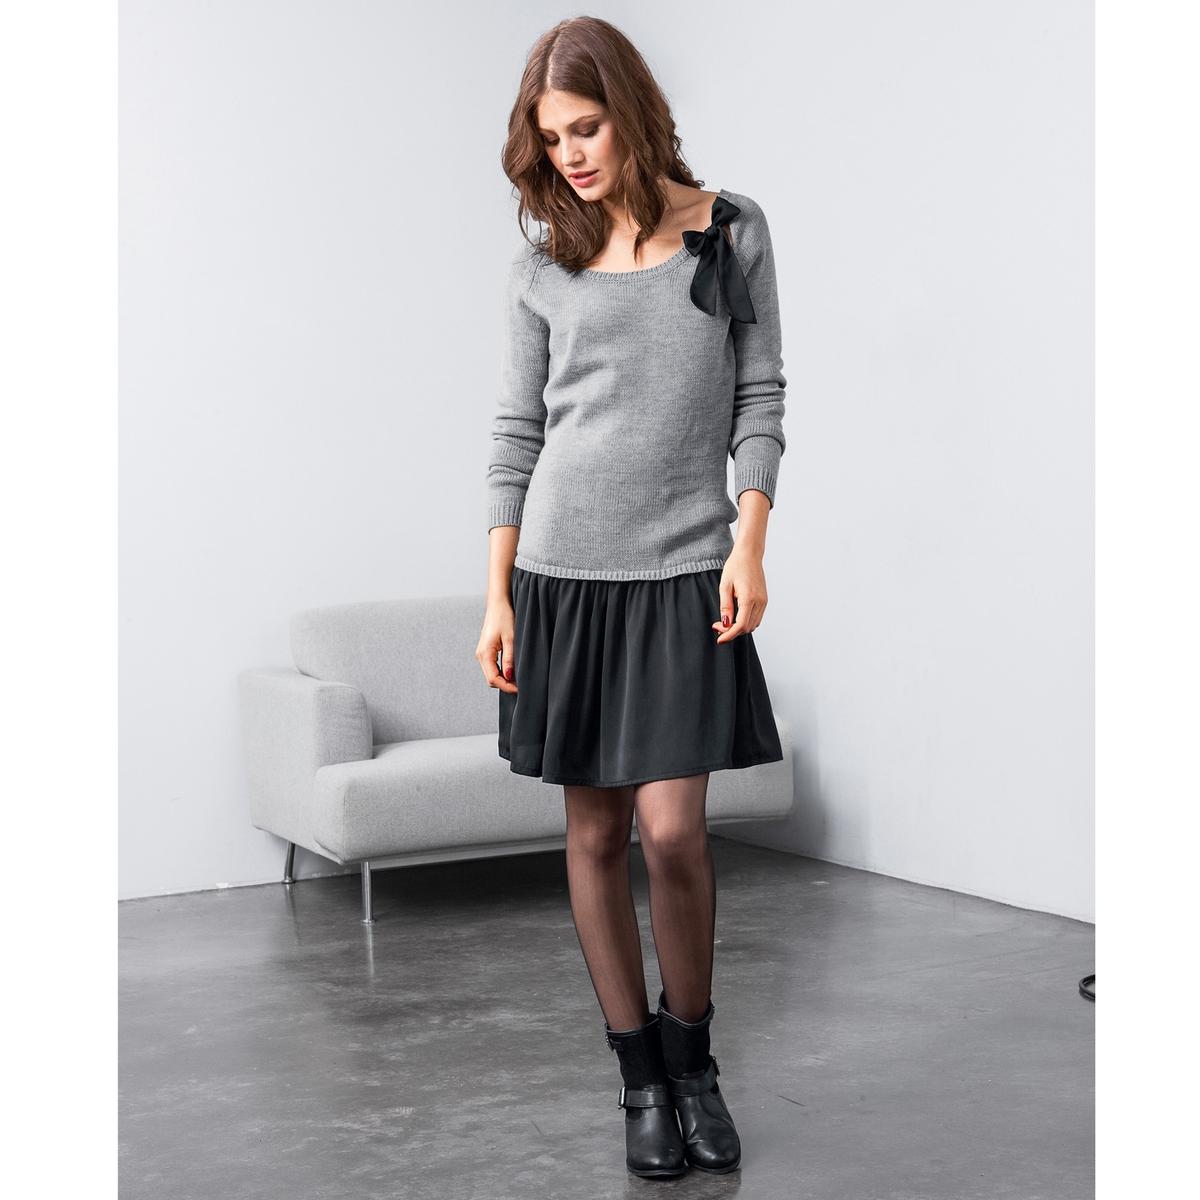 Платье 2 в 1Верх из джерси, 100% акрила. Юбка из струящегося атласа, 100% полиэстера. Контрастный бантик на закругленном вырезе. Длинные рукава. Края связаны в рубчик. Длина 90 см.<br><br>Цвет: светло-серый/черный<br>Размер: 50/52 (FR) - 56/58 (RUS)